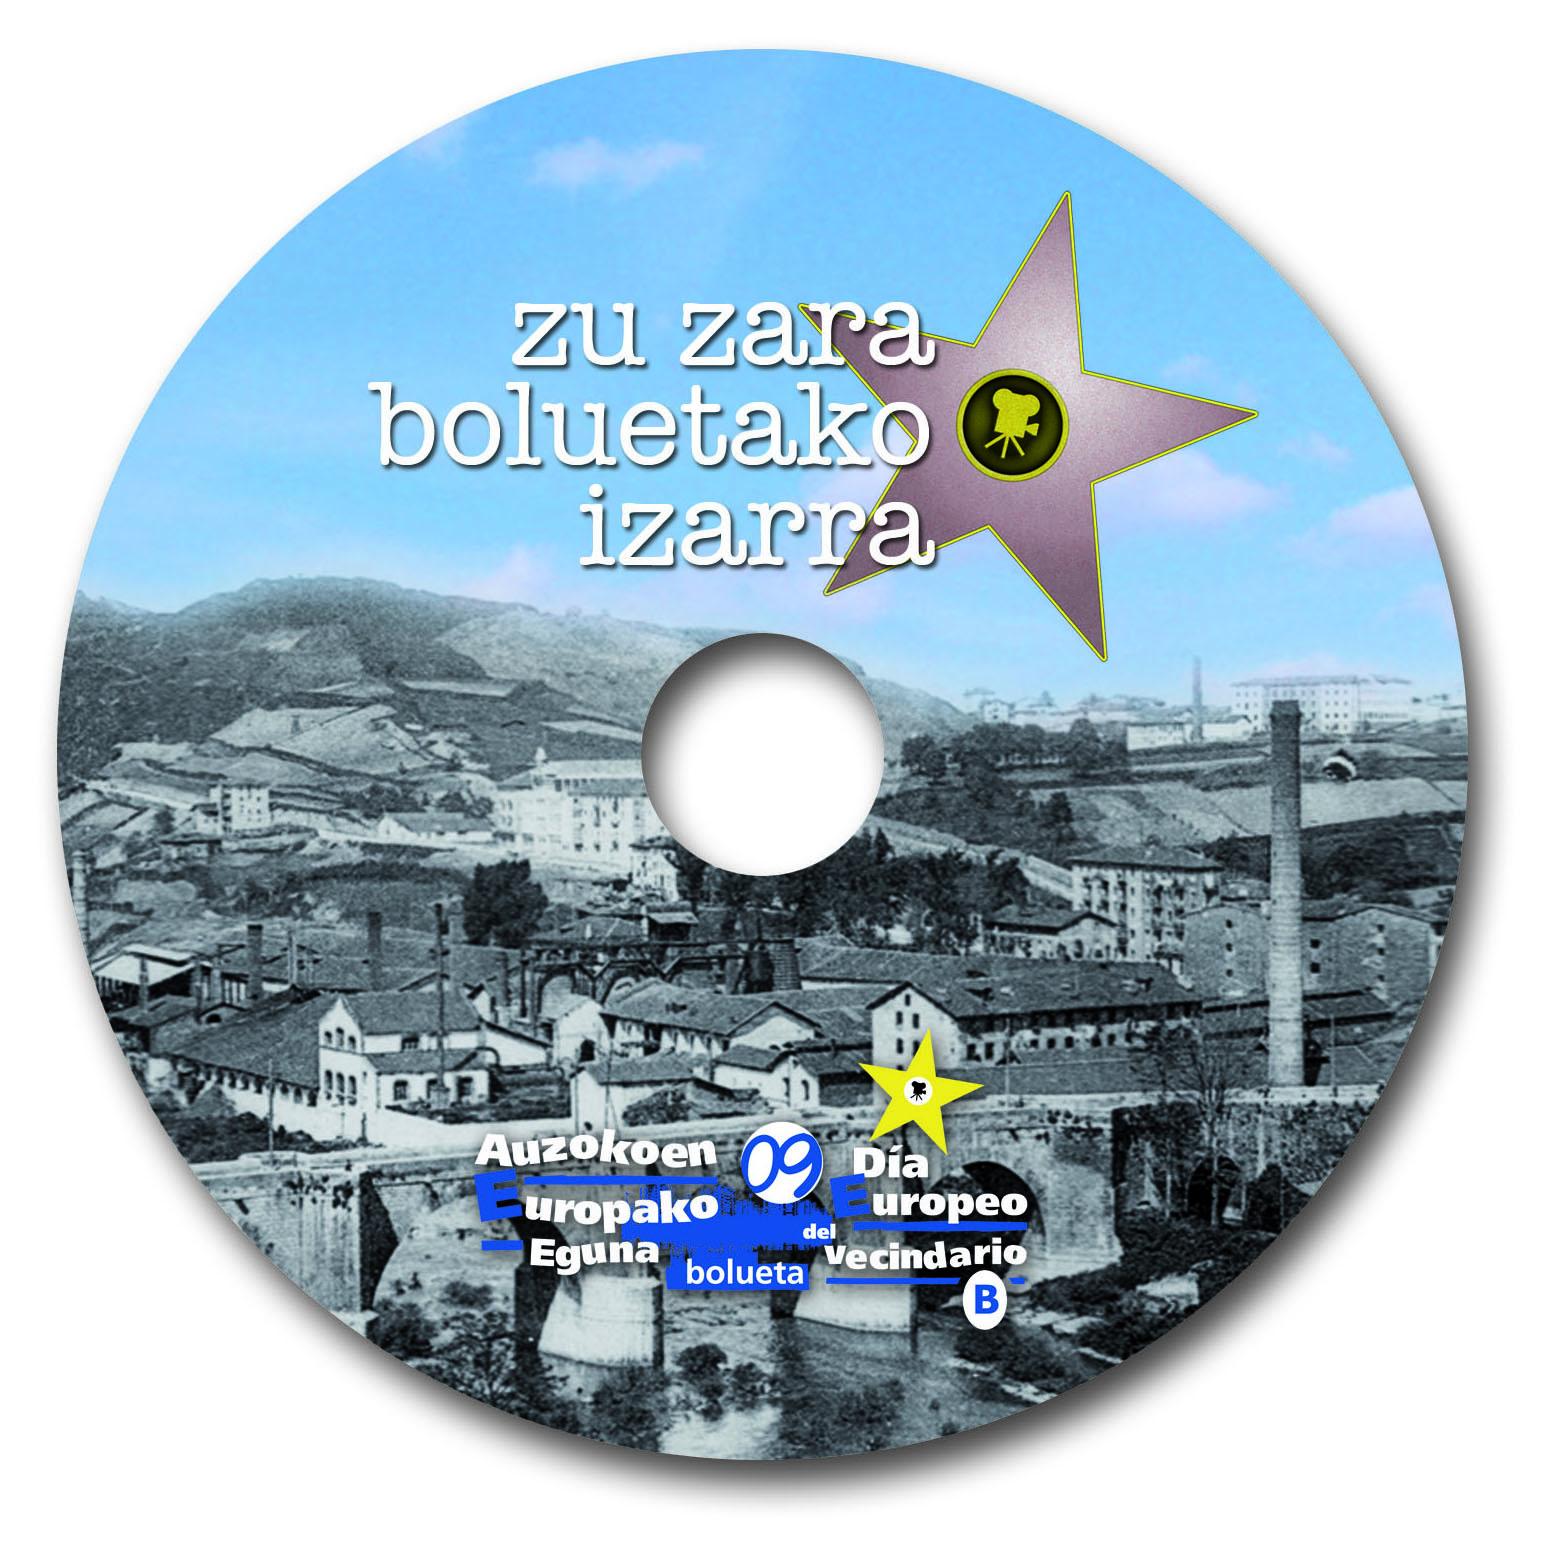 Boluetako Izarrak